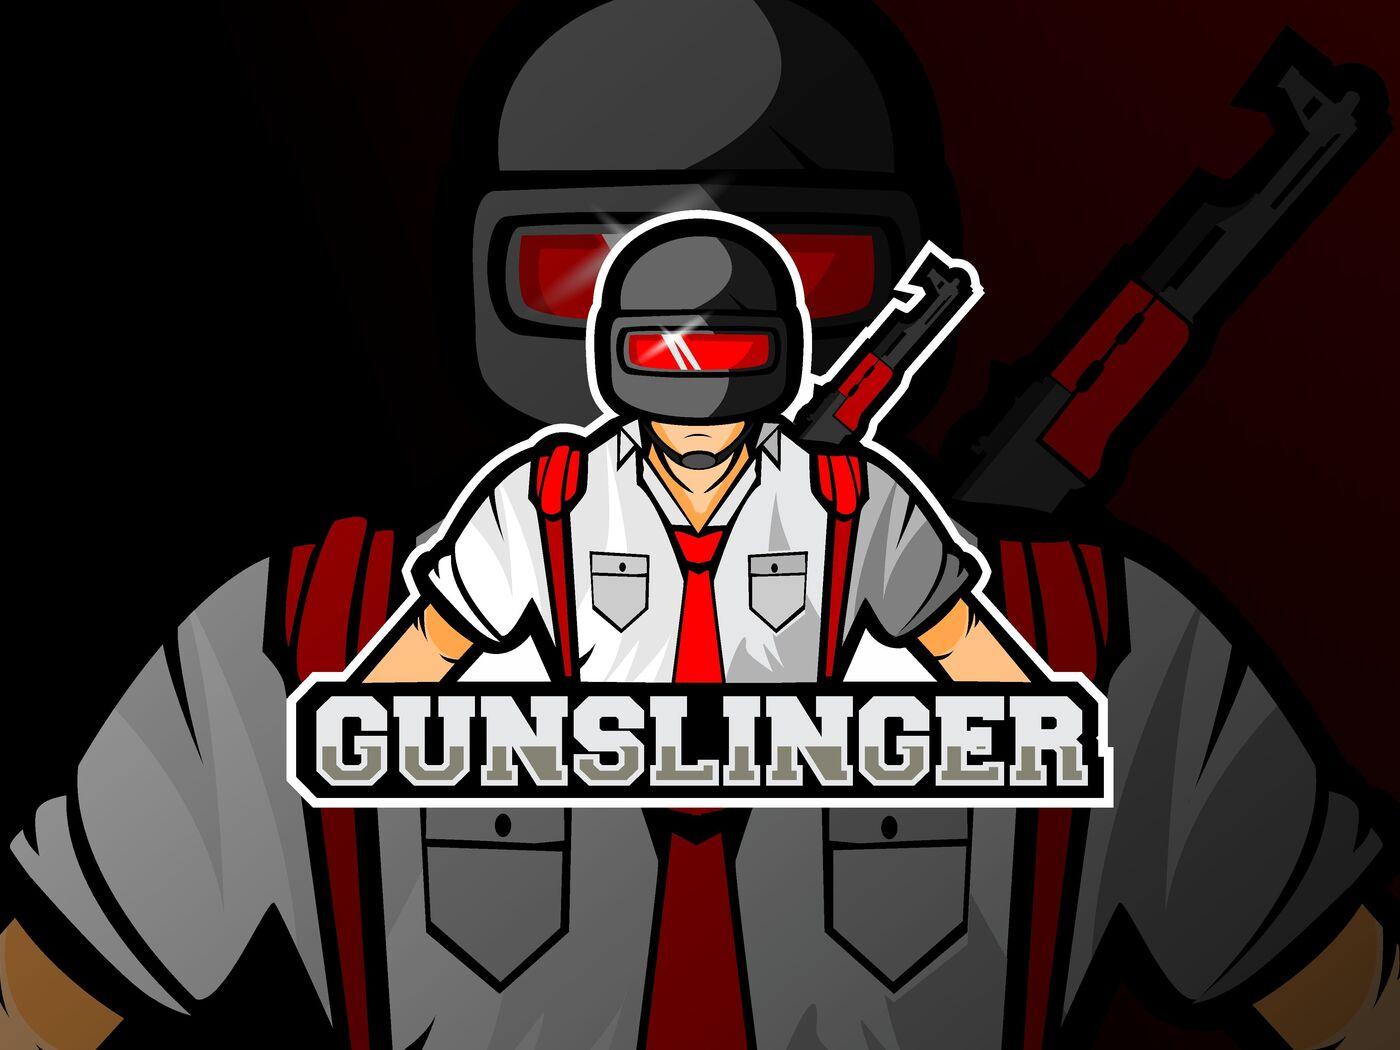 gunslinger-pubg-4k-9g.jpg